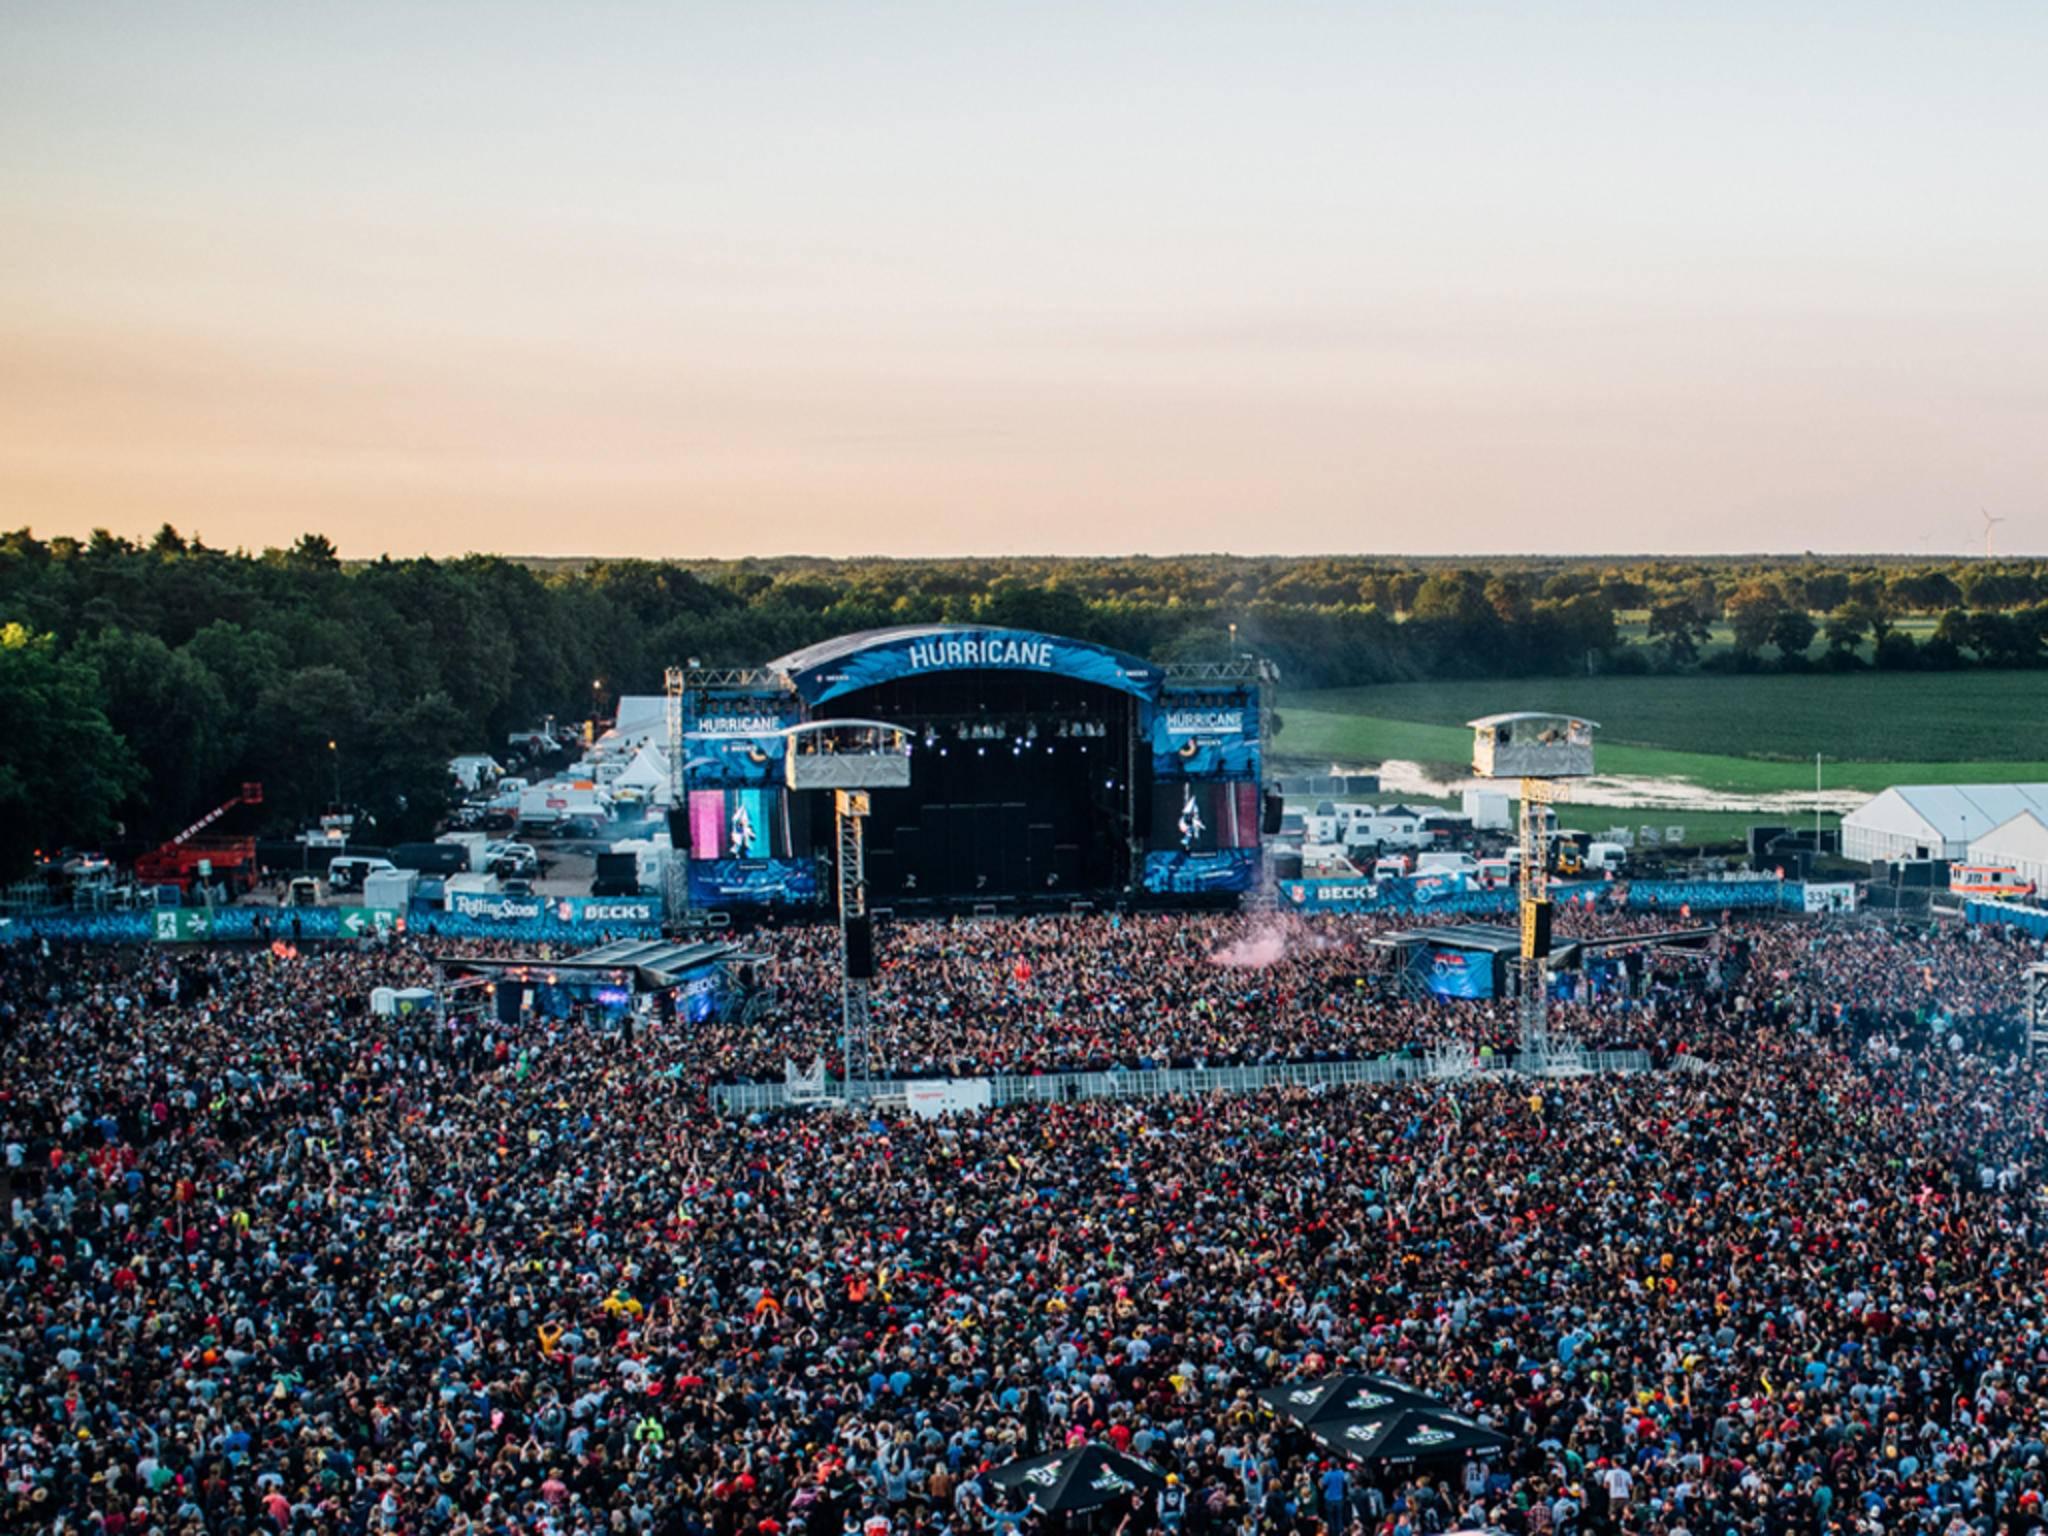 """Bestes Festival 2016: Das Hurricane in Scheeßel (Niedersachsen) sicherte sich den Hauptpreis bei den """"Helga!""""-Awards."""